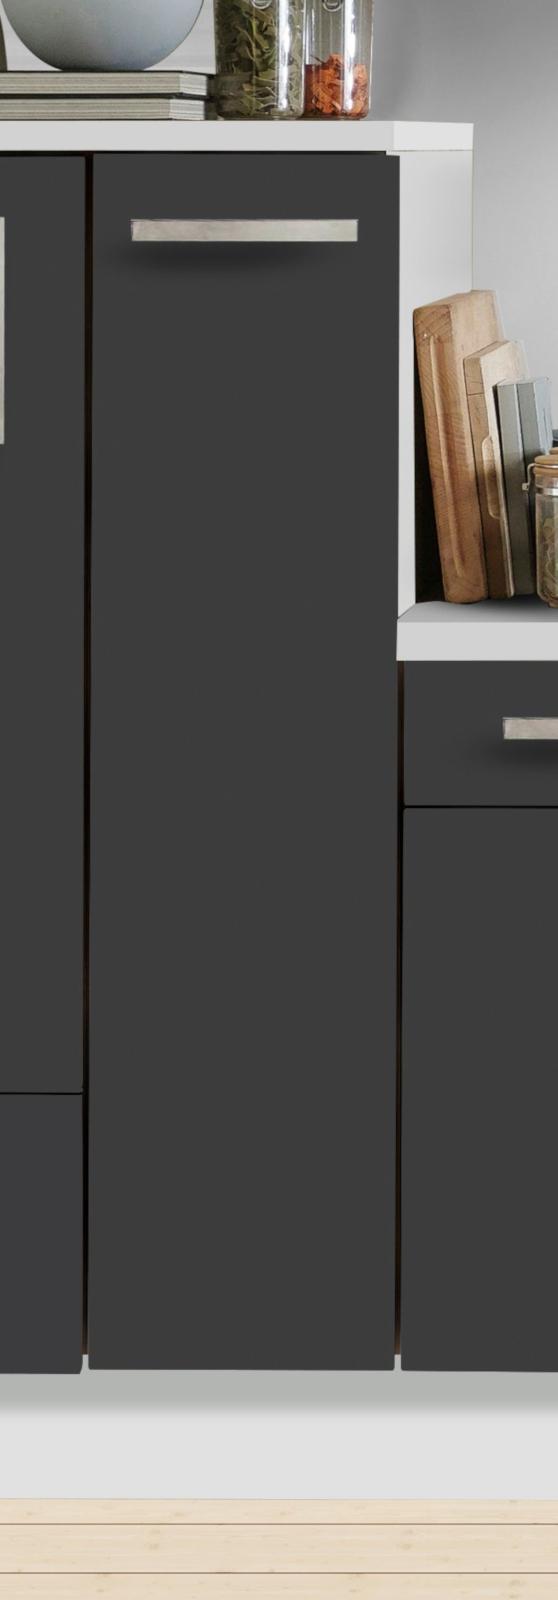 badezimmer ideen grau ~ moderne inspiration innenarchitektur und möbel - Kchenfronten Modern